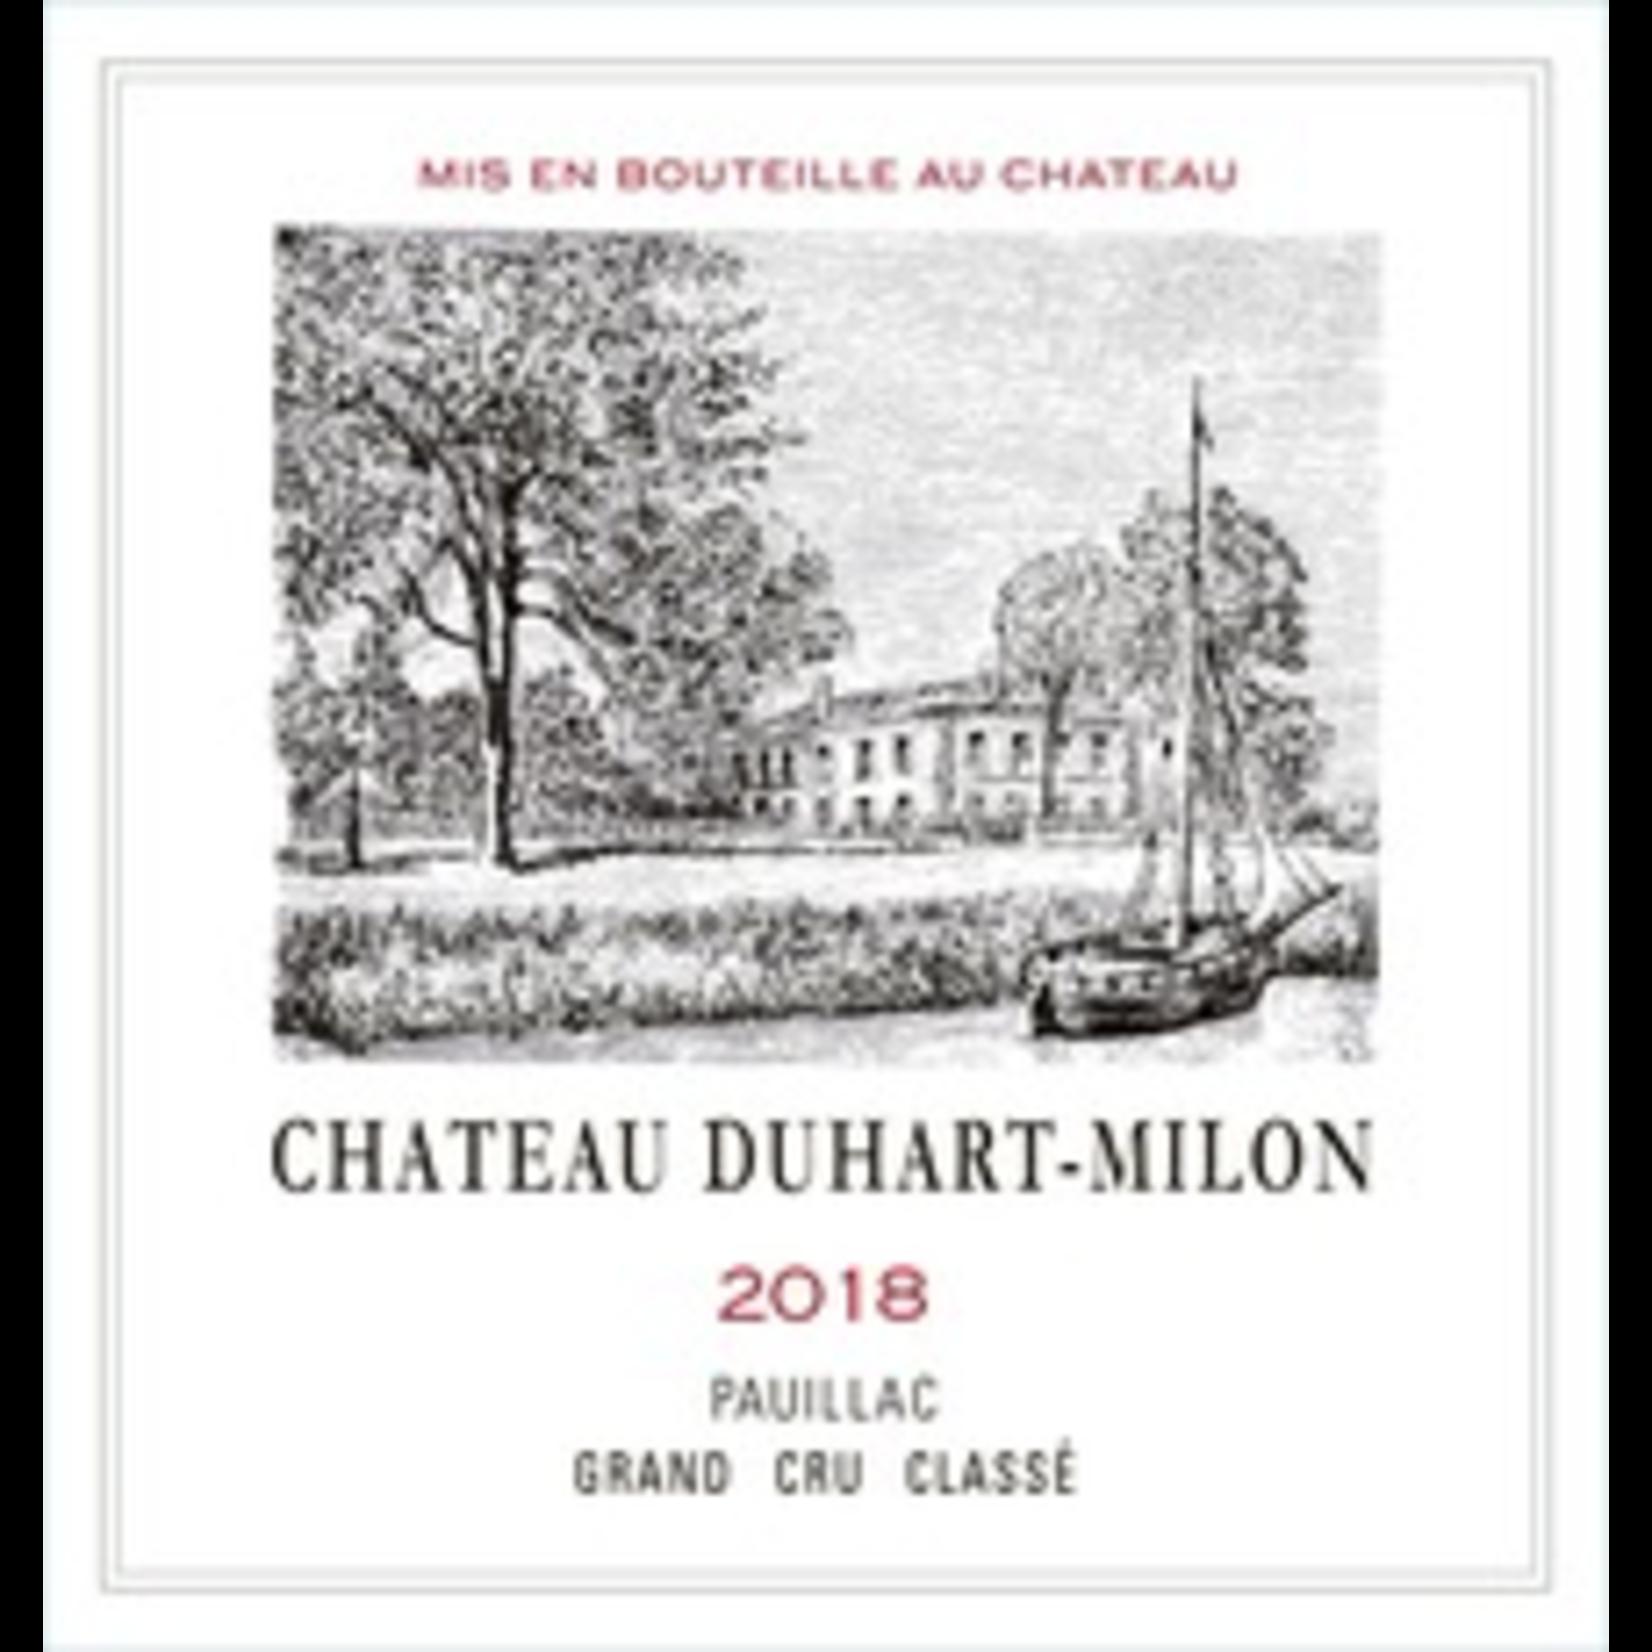 Wine Ch Duhart Milon 2018